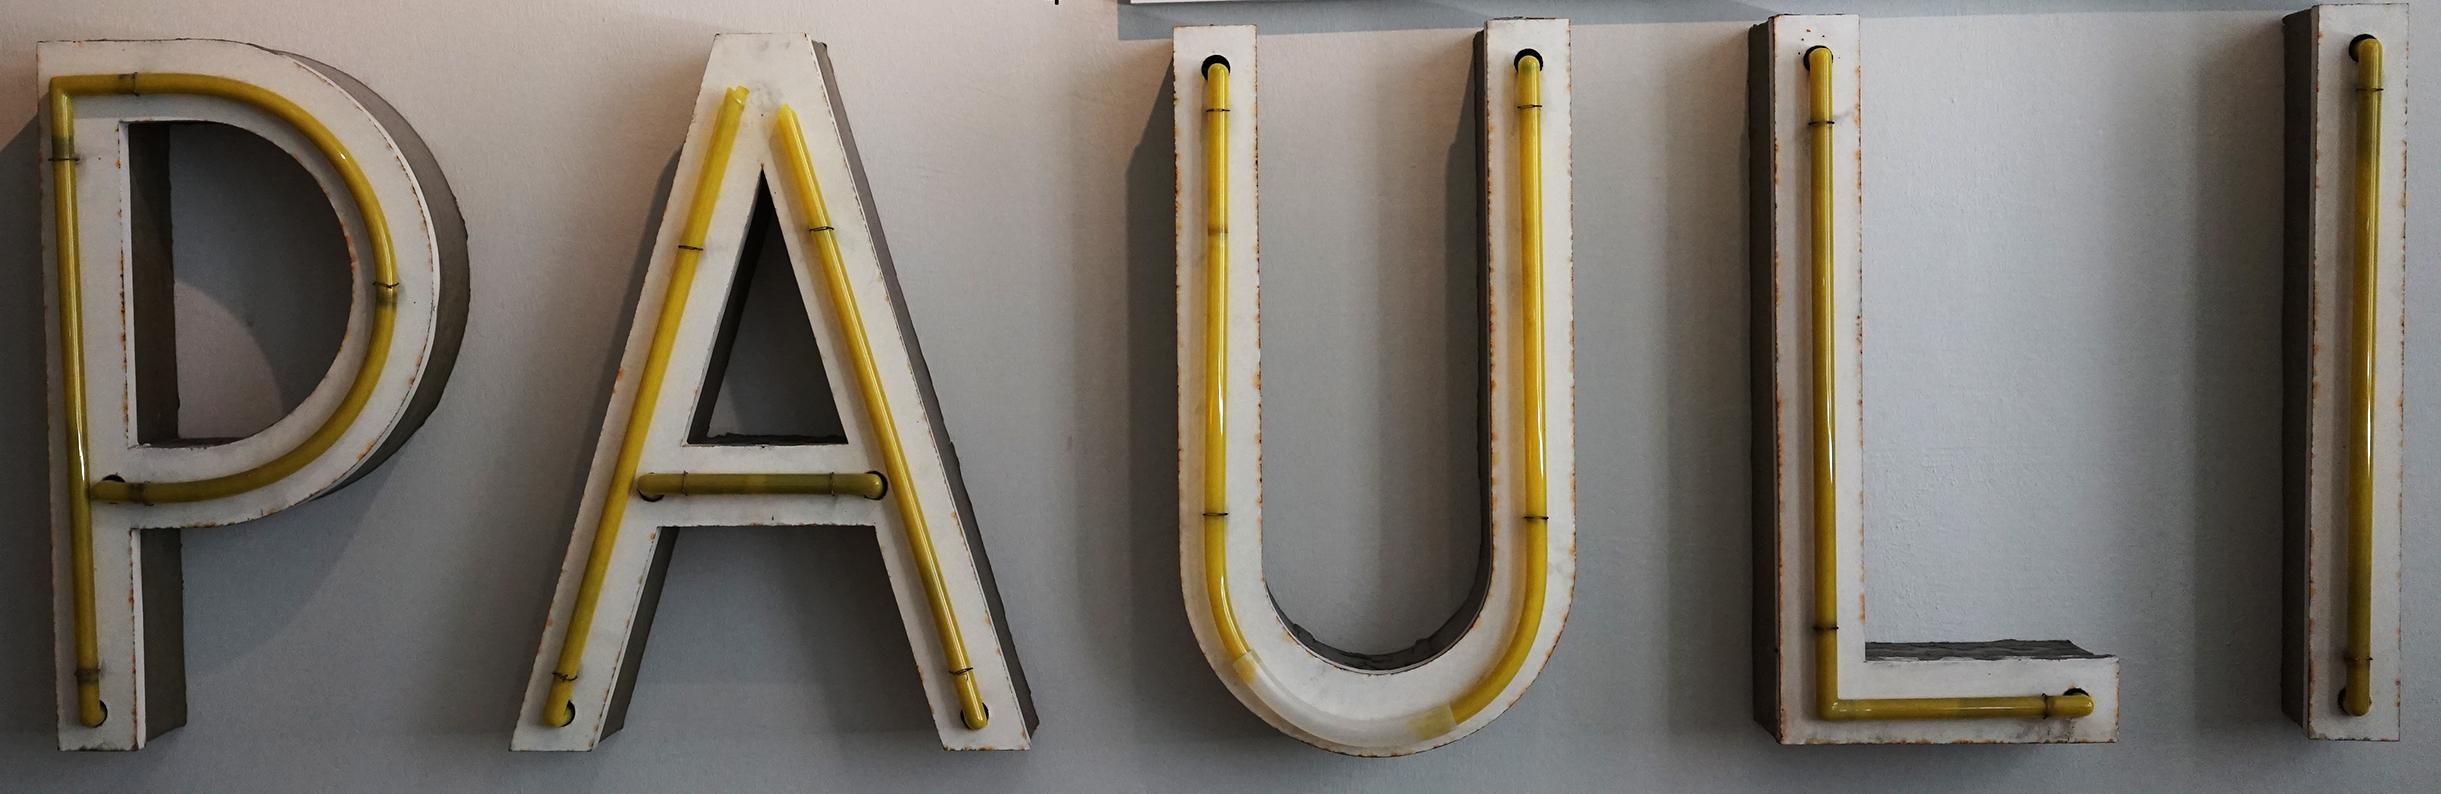 Leuchtbuchstaben, St. Pauli Theater Spielbudenplatz, um 1965, Museum für Hamburgische Geschichte